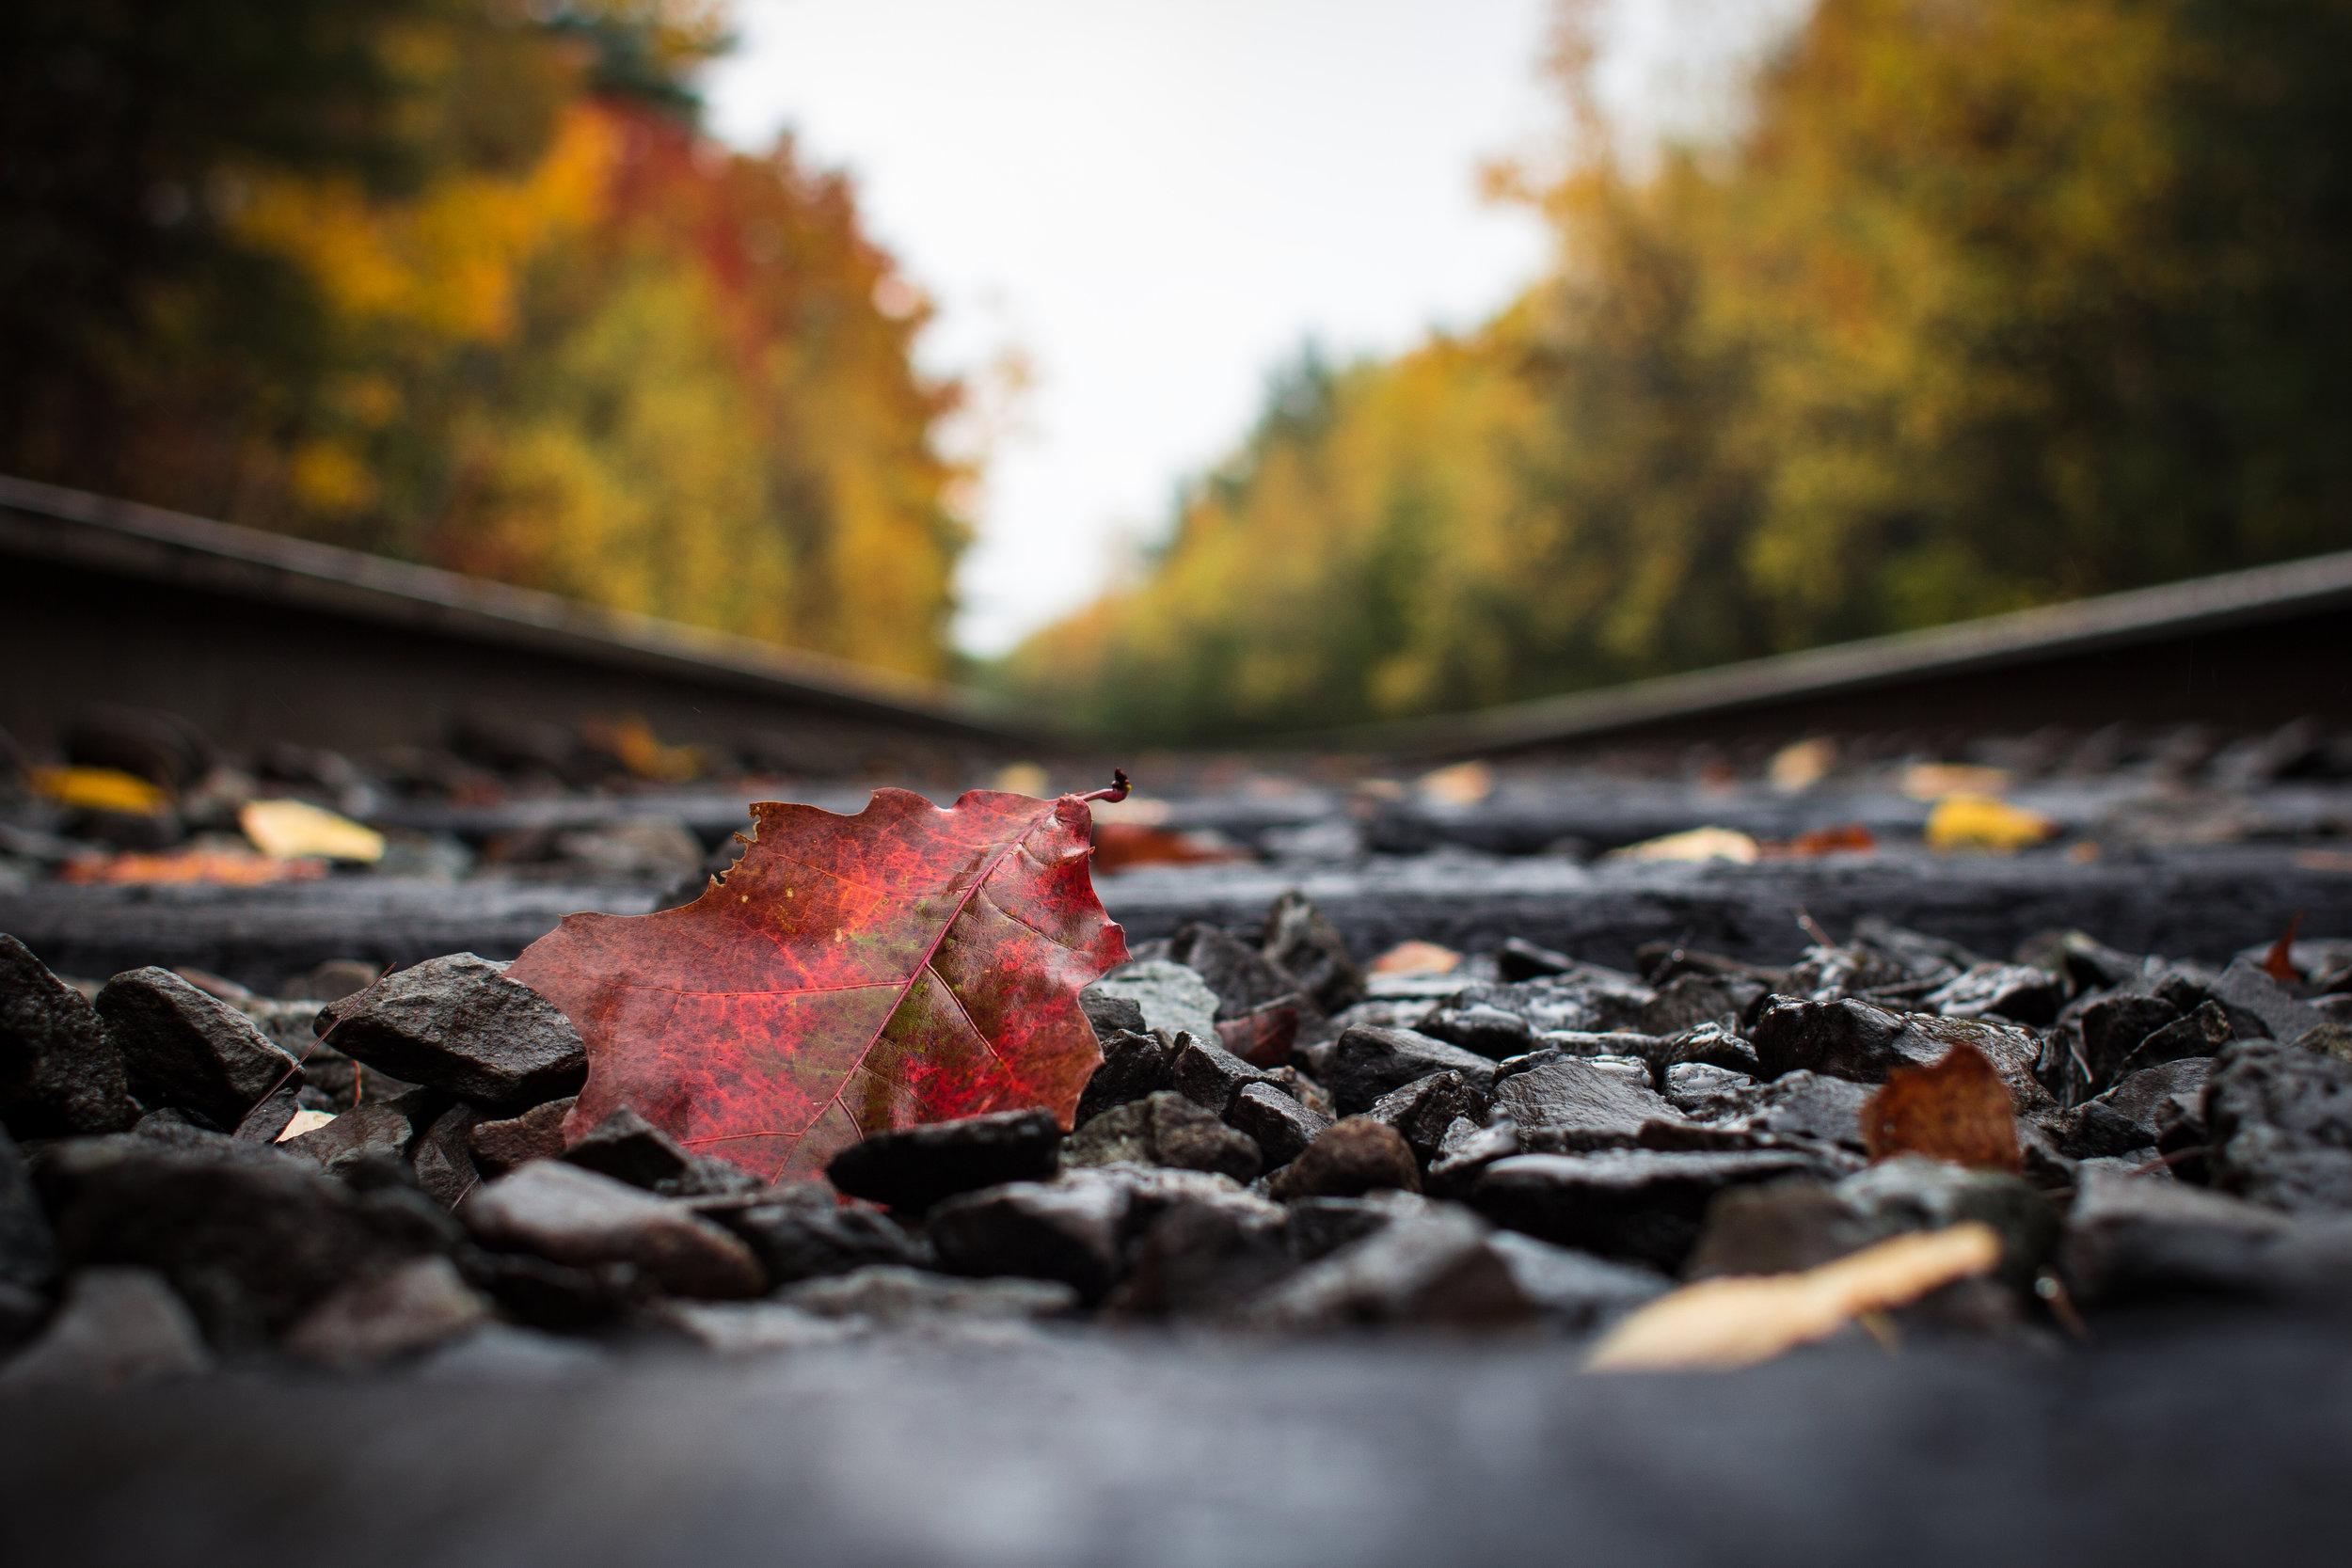 Autumn Leaf on Train Track